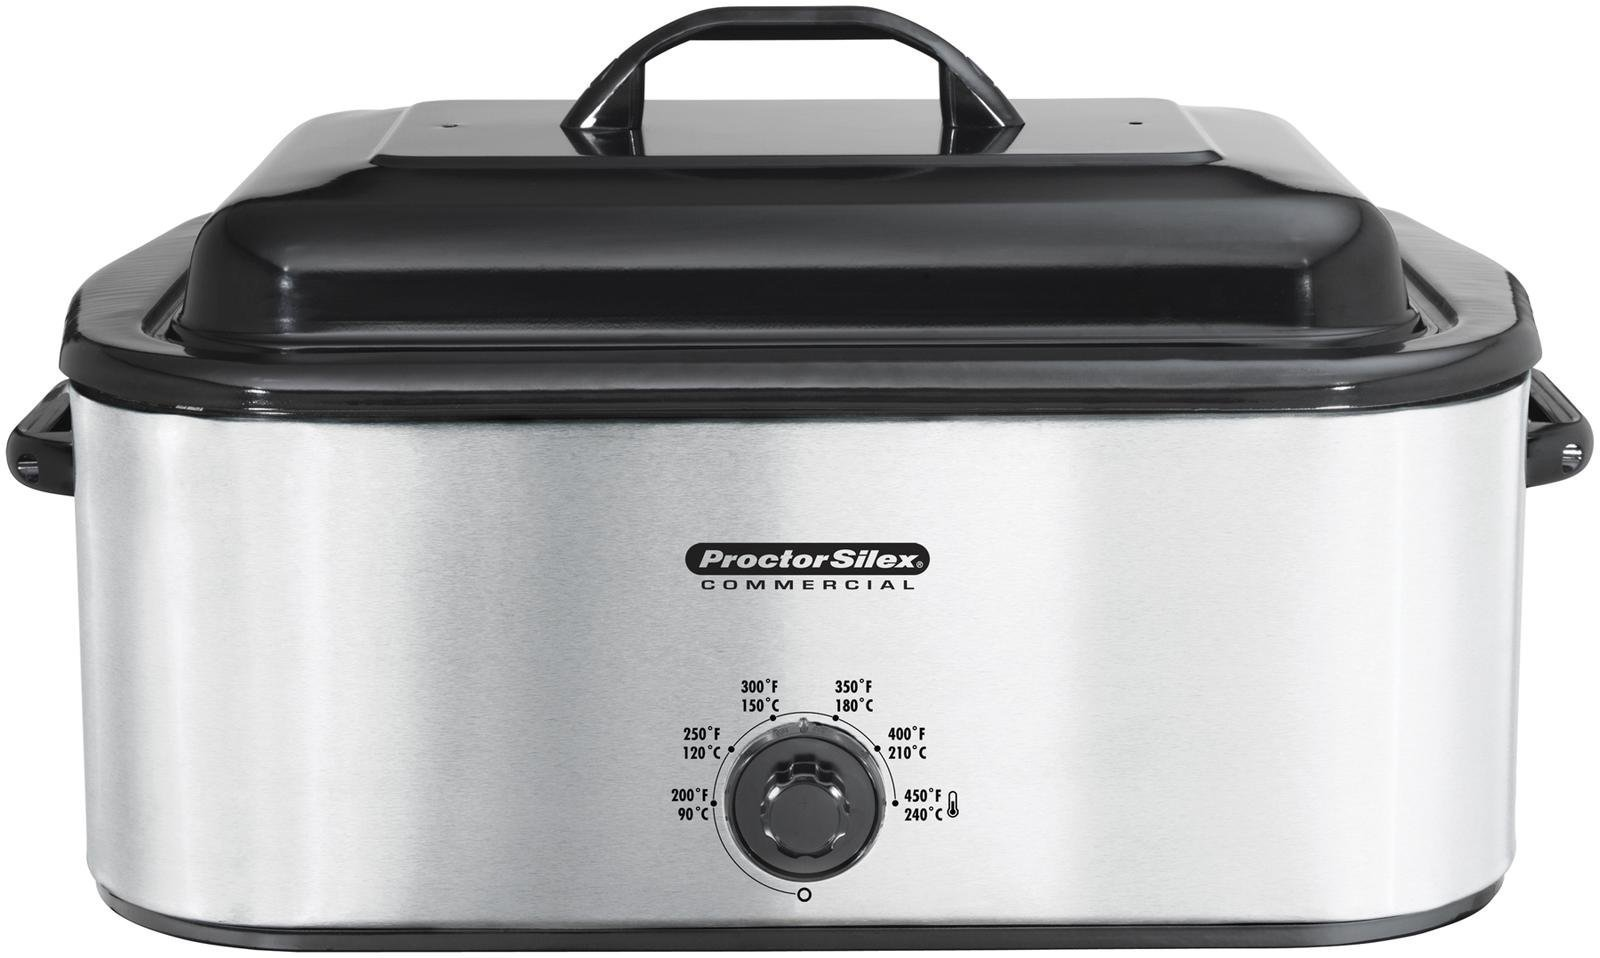 Proctor Silex 32918 Proctor-Silex Roaster Oven/Warmer by Proctor Silex